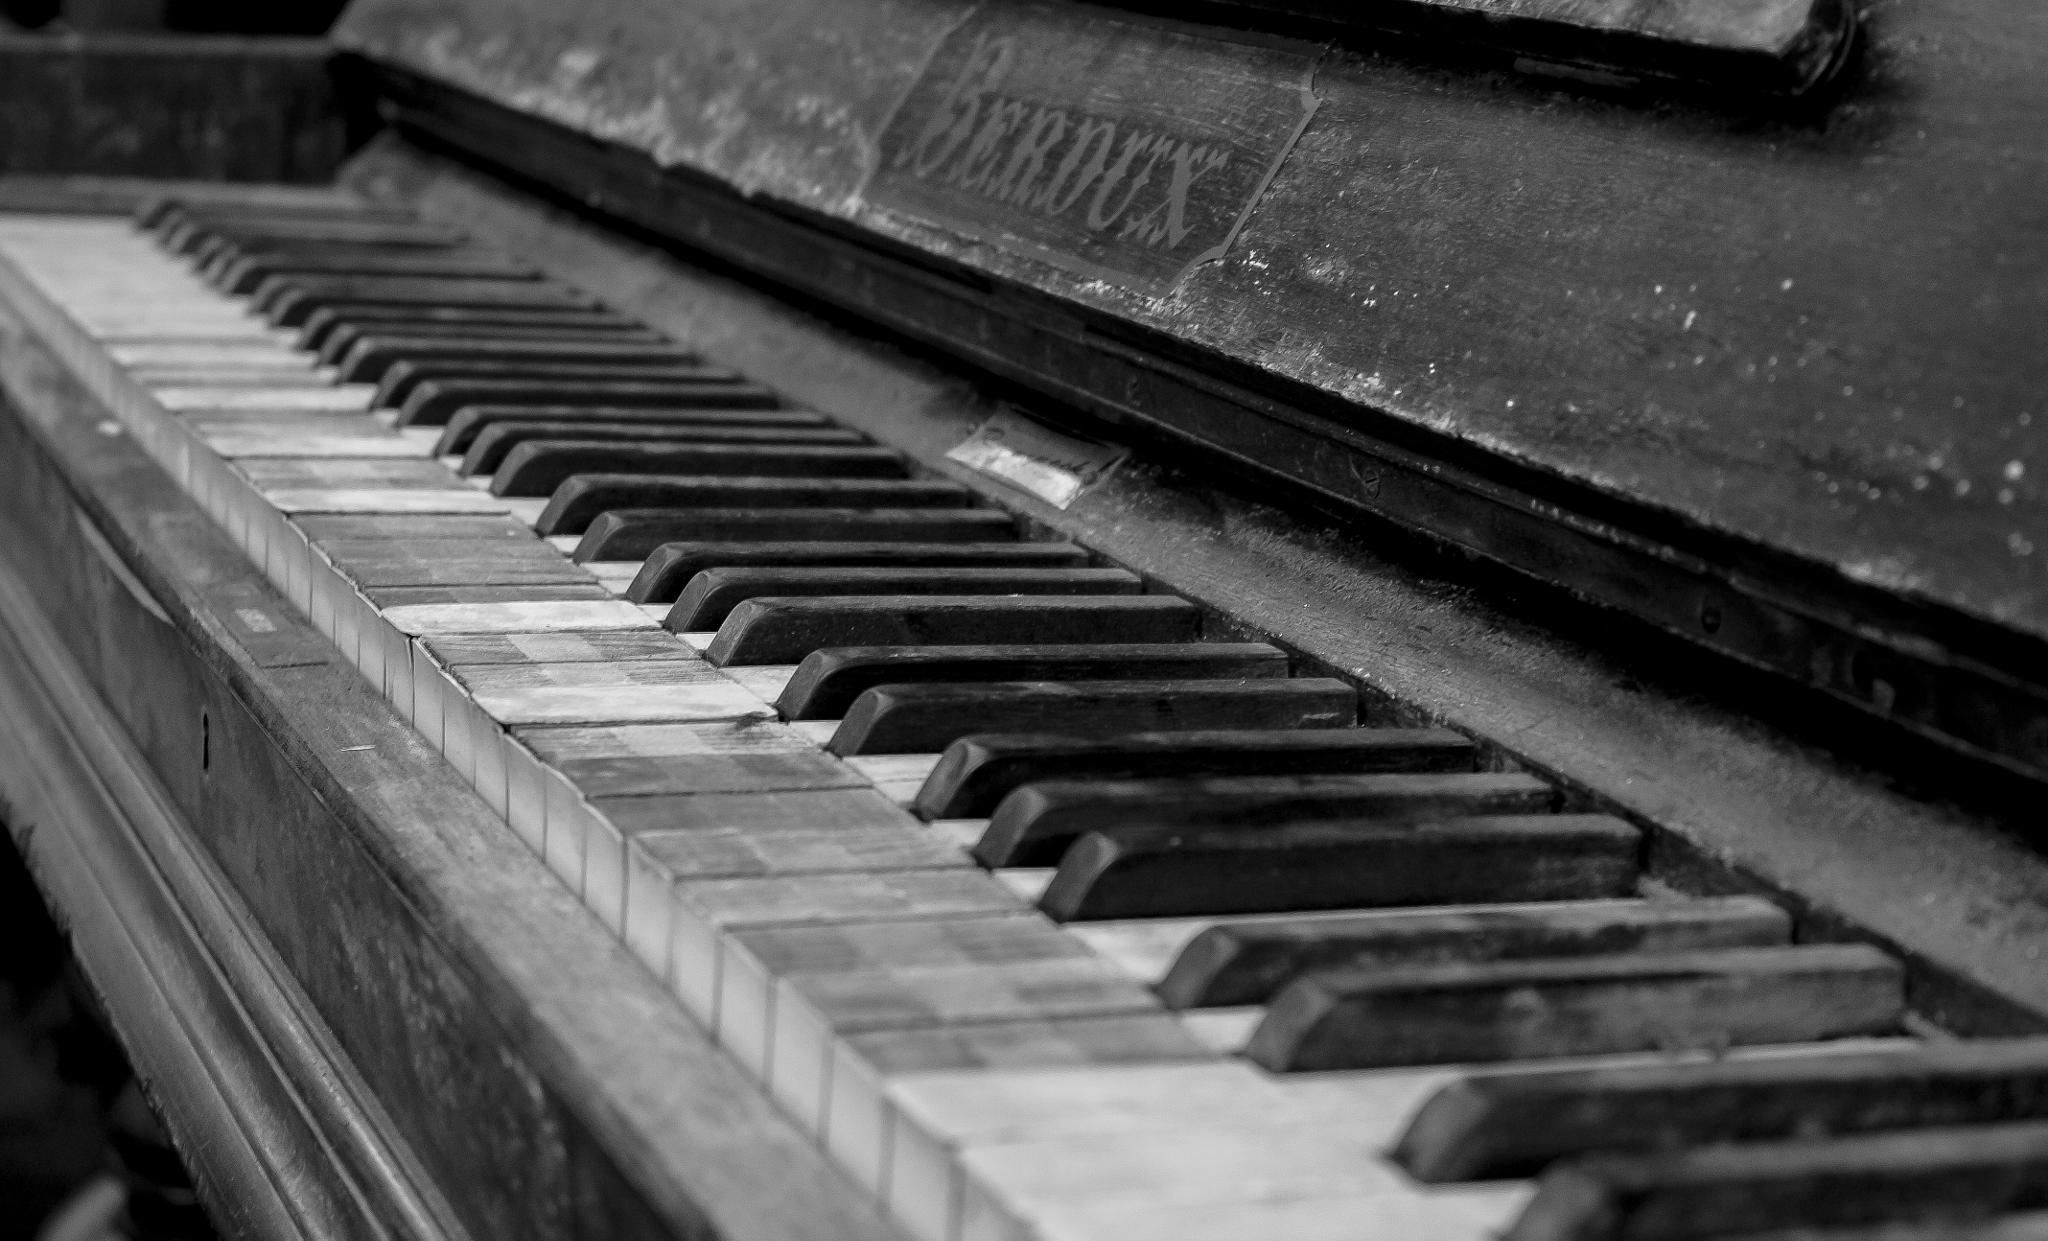 Piano  by Sanket Bartakke